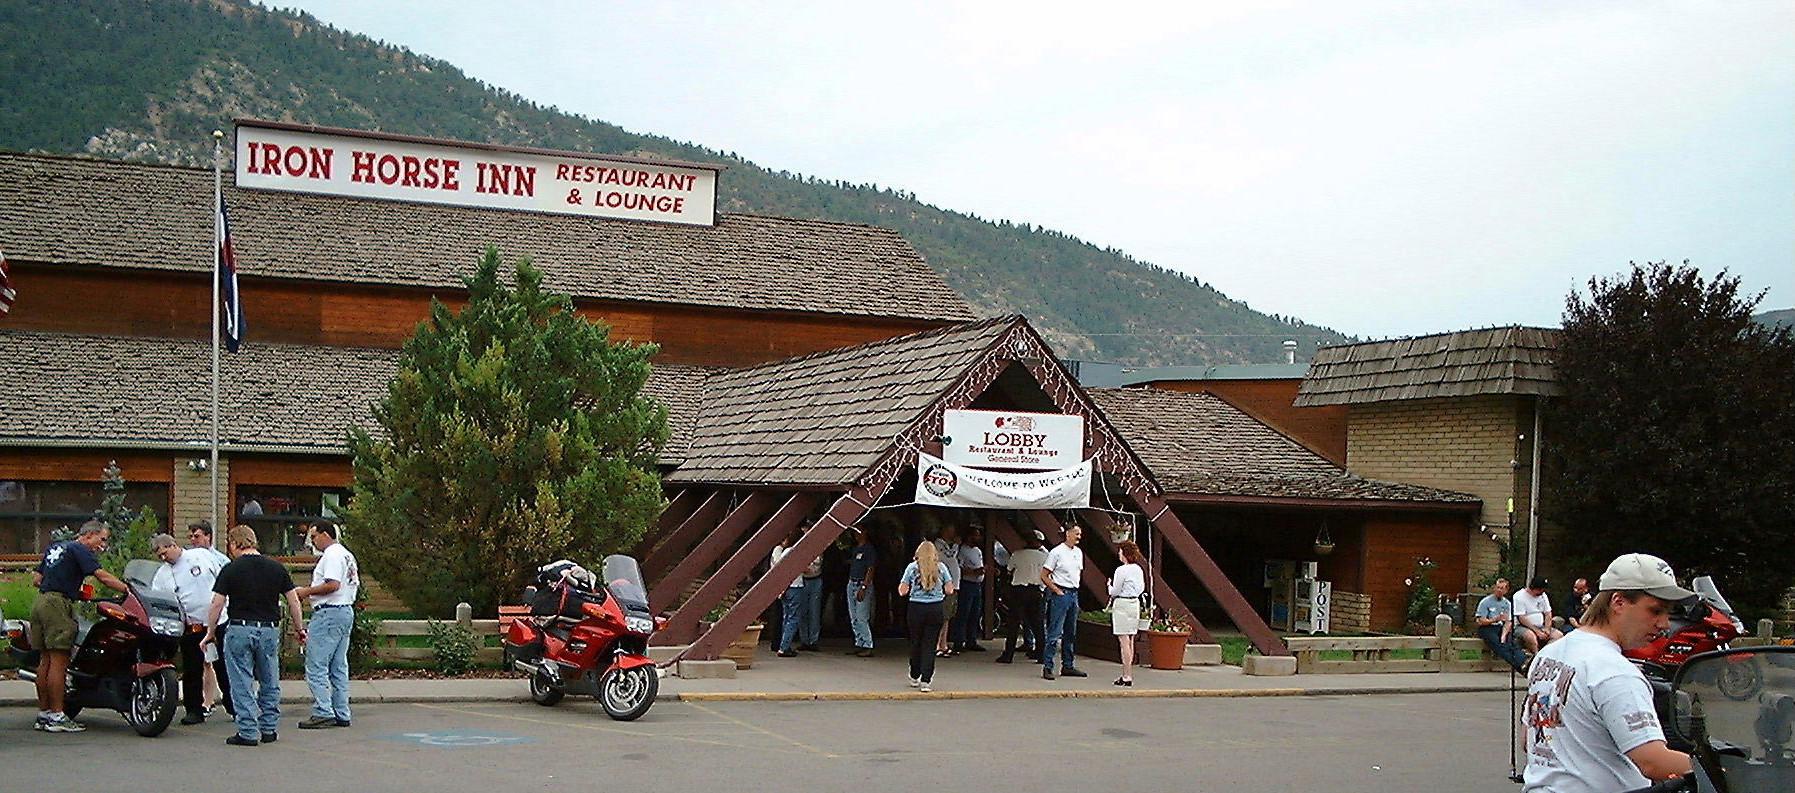 Iron Horse Inn